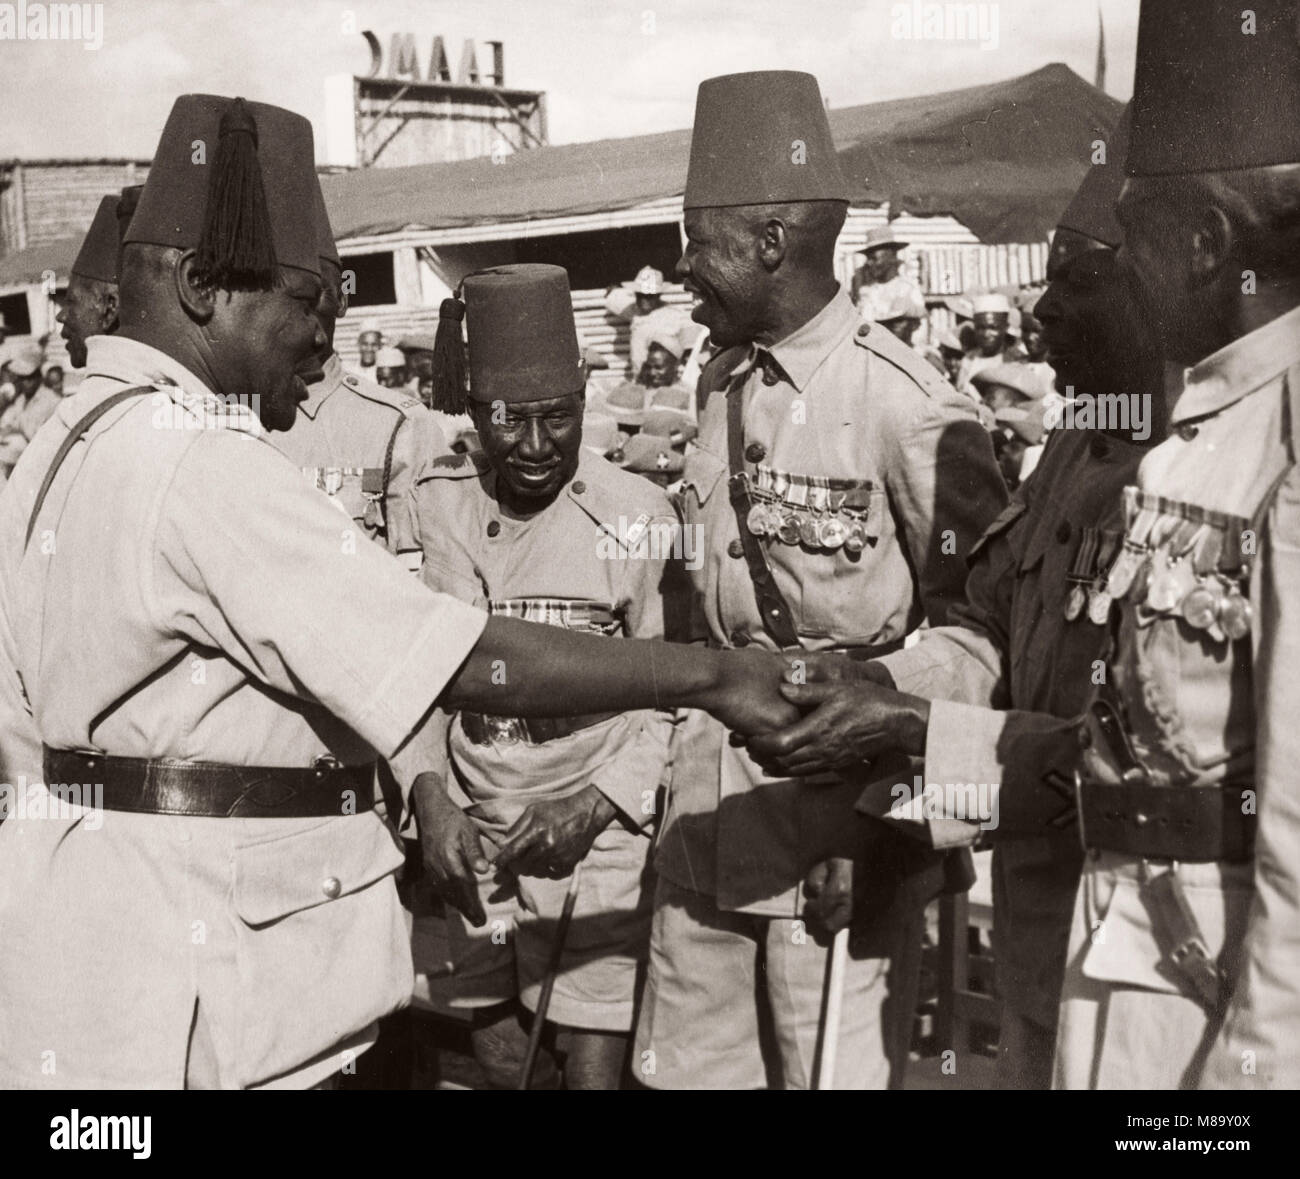 Soldiers In Kenya, Veterans Of The